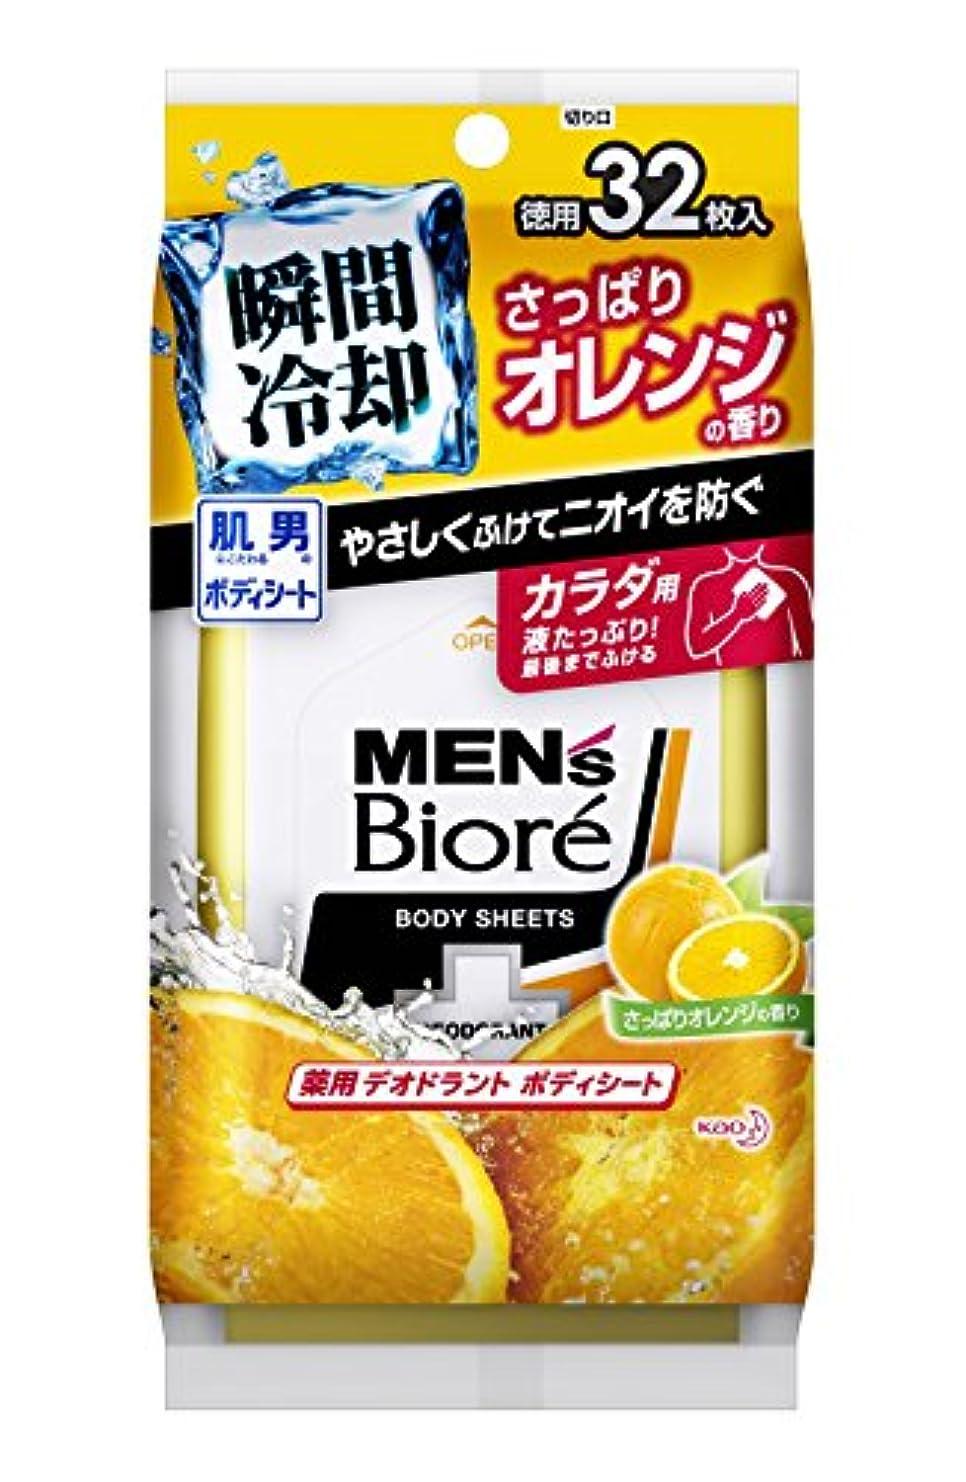 タックル受け入れ内側メンズビオレ 薬用デオドラントボディシート さっぱりオレンジの香り 32枚